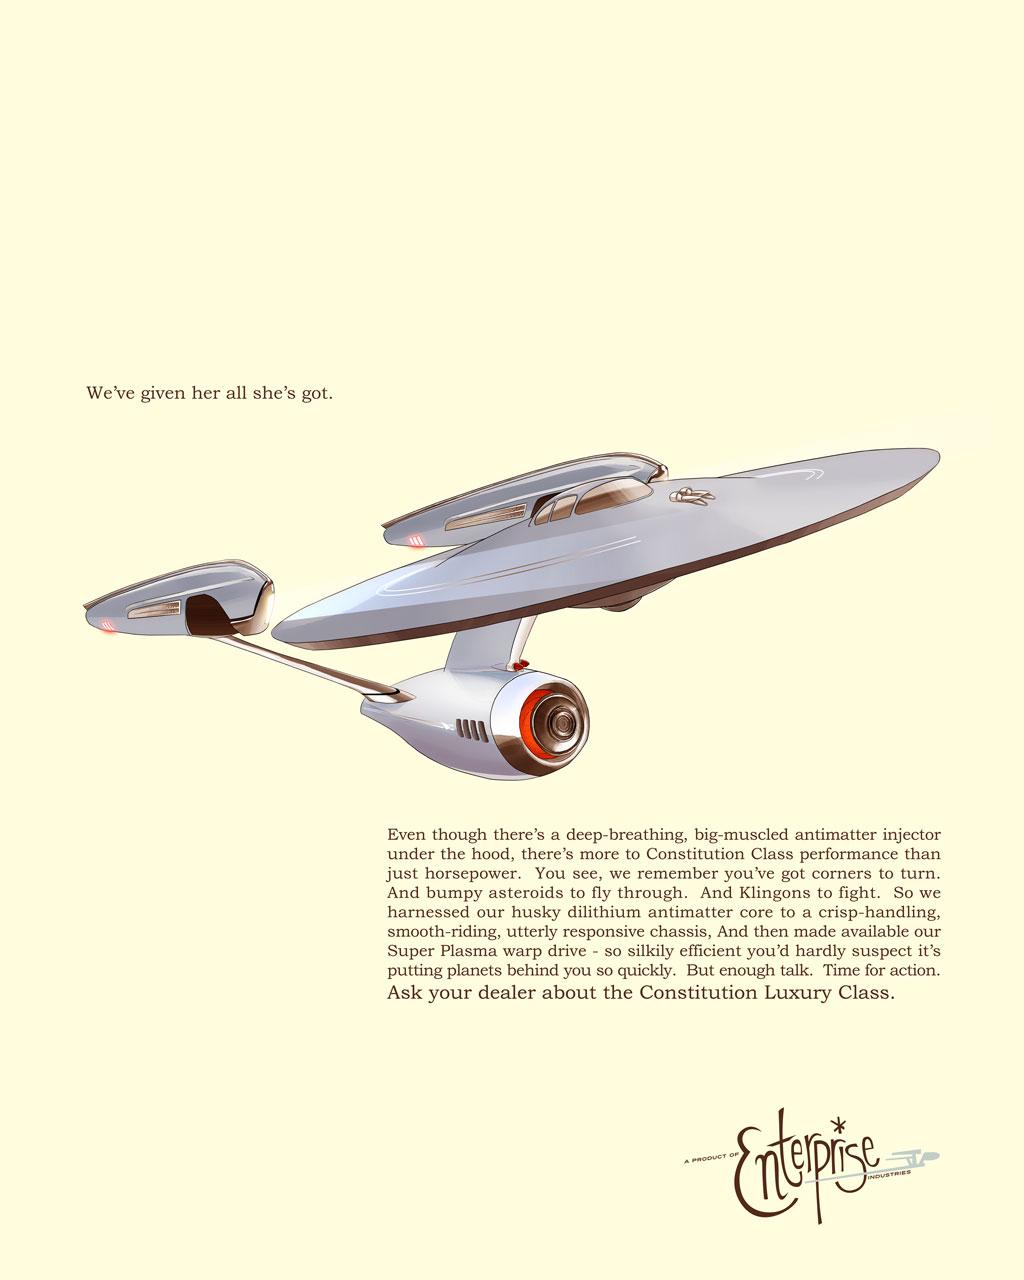 trek-enterprise1.jpg